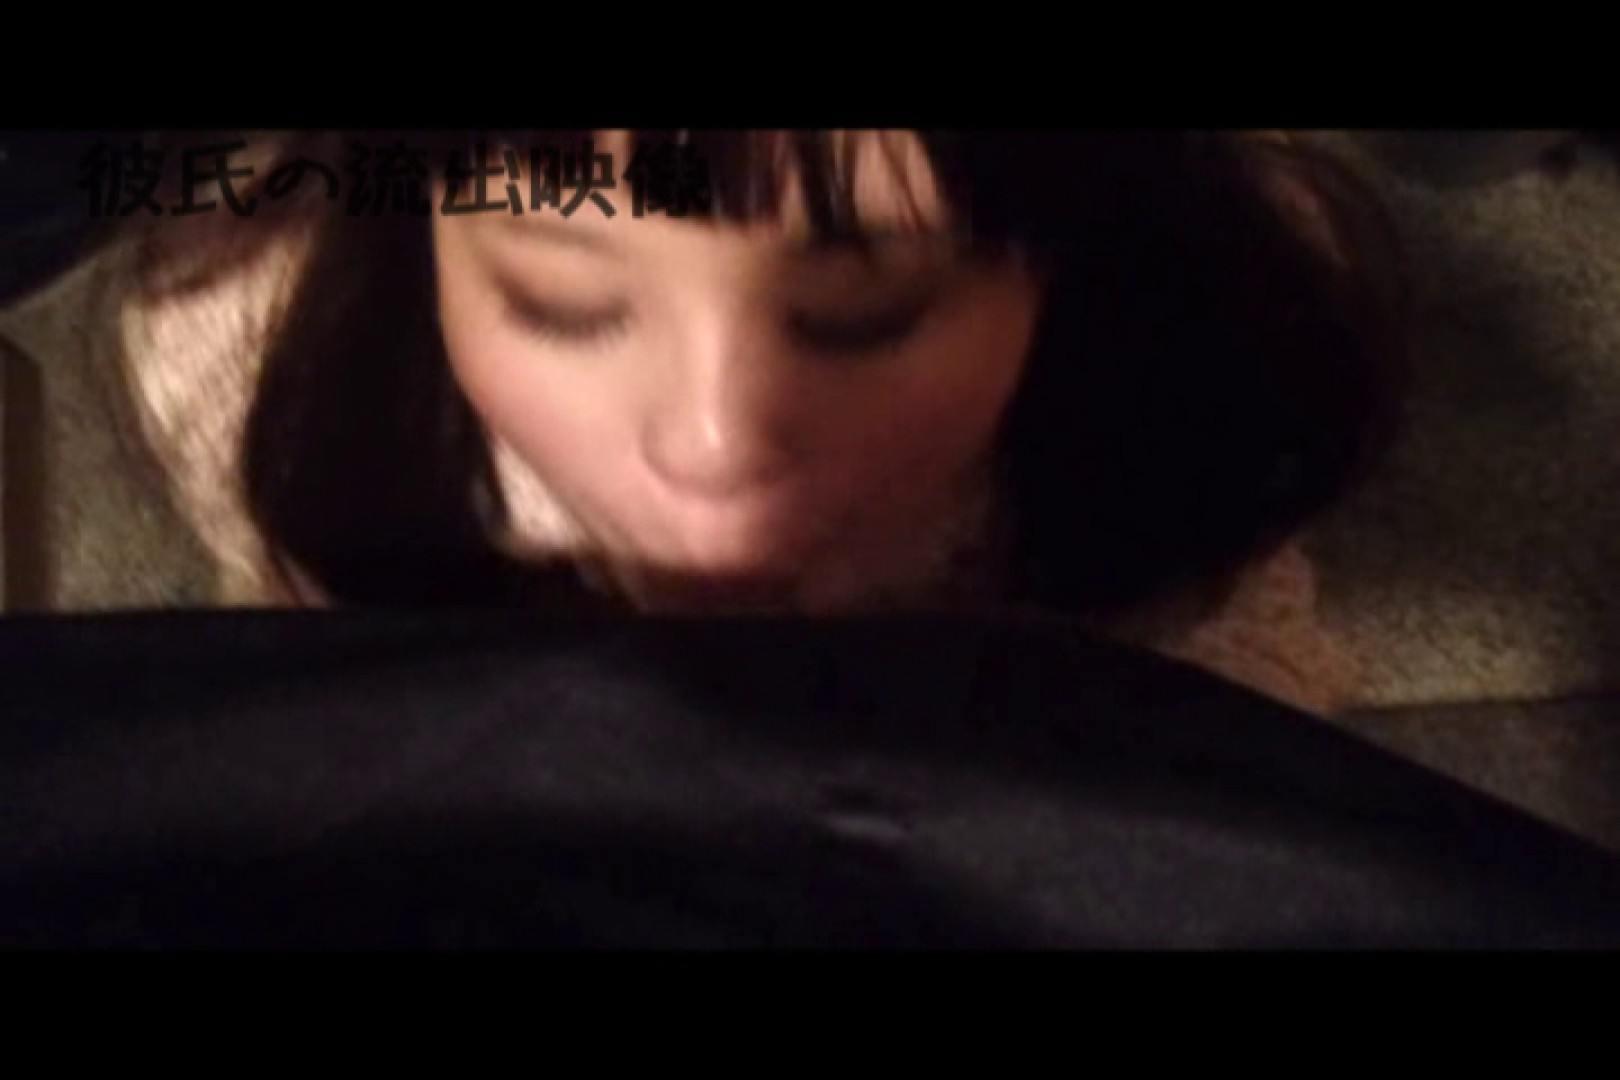 彼氏が流出 パイパン素人嬢のハメ撮り映像03 素人 オマンコ無修正動画無料 81pic 34